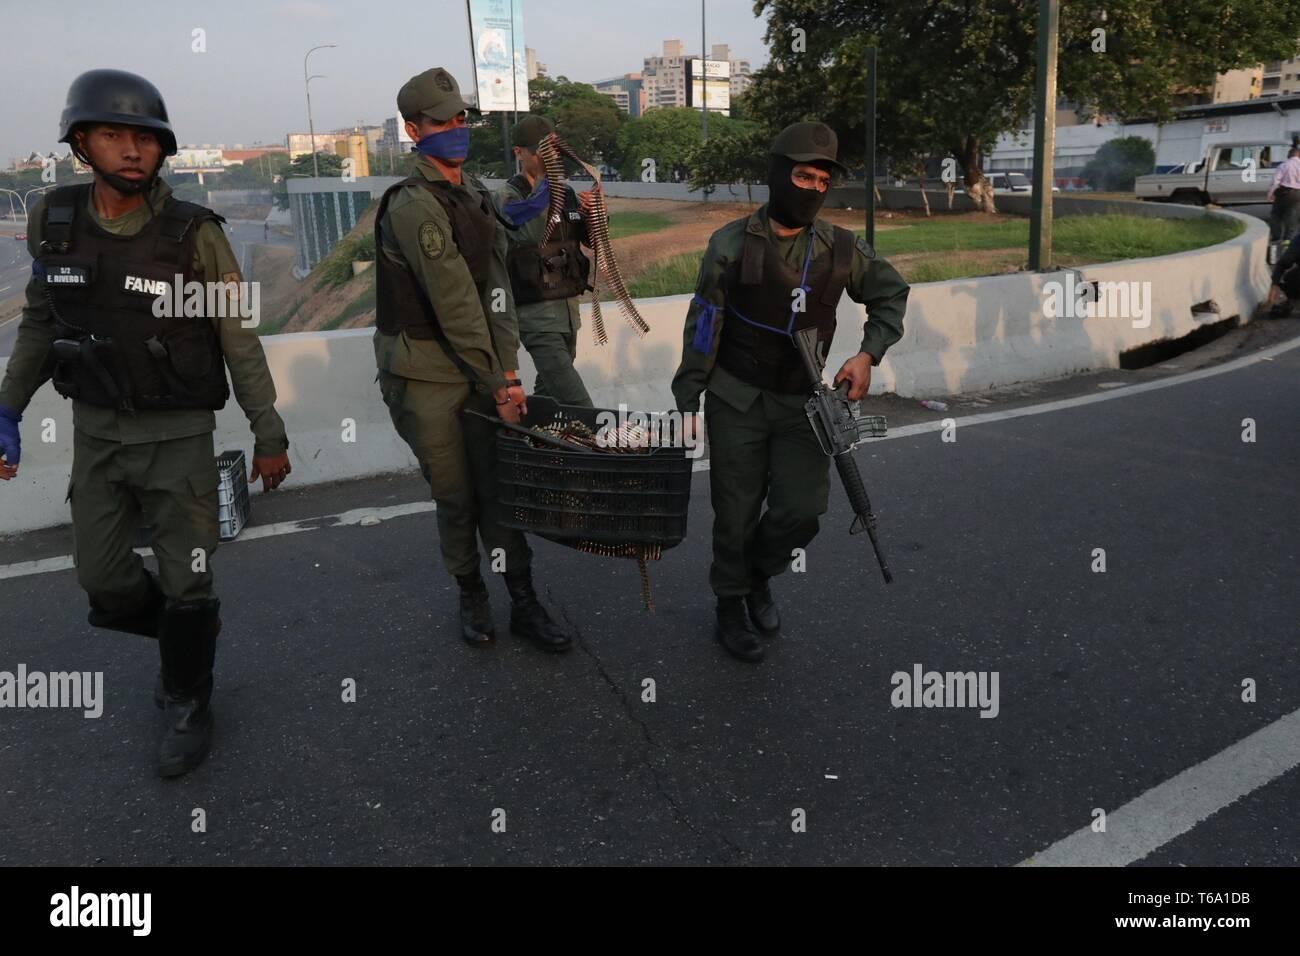 Caracas, Venezuela. 30 apr, 2019. Molti soldati venezuelano trasportare una scatola con munizioni a La Carlota base, dove oppositore venezuelano Leopoldo Lopez (invisibile) è stato portato a soddisfare con il presidente ad interim Juan Guaido dopo egli essendo rilasciato dalla sua casa, nell'Est di Caracas, Venezuela, 30 aprile 2019. Lopez, che era agli arresti domiciliari, è stata rilasciata la mattina presto il 30 aprile da un movimento di opposizione. Credito: Rayneri Pena/EFE/Alamy Live News Immagini Stock